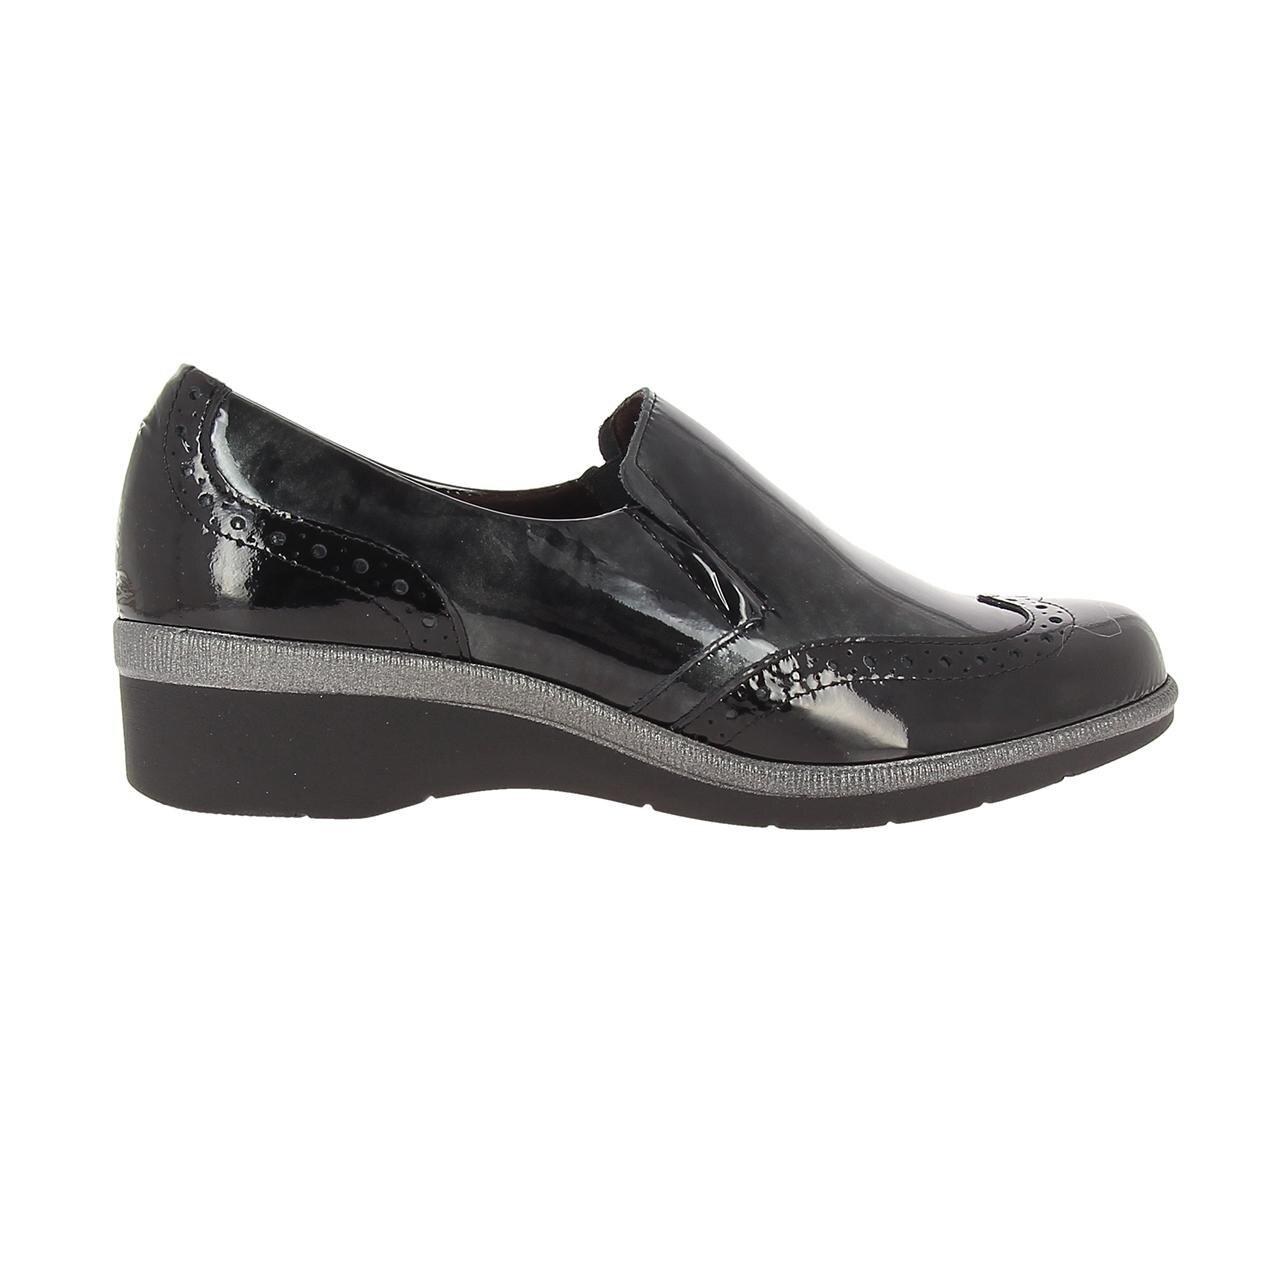 c582399f77e Piel Mujer Zapatos Multiple De 1216 Tacón Charol Pitillos aEx1x